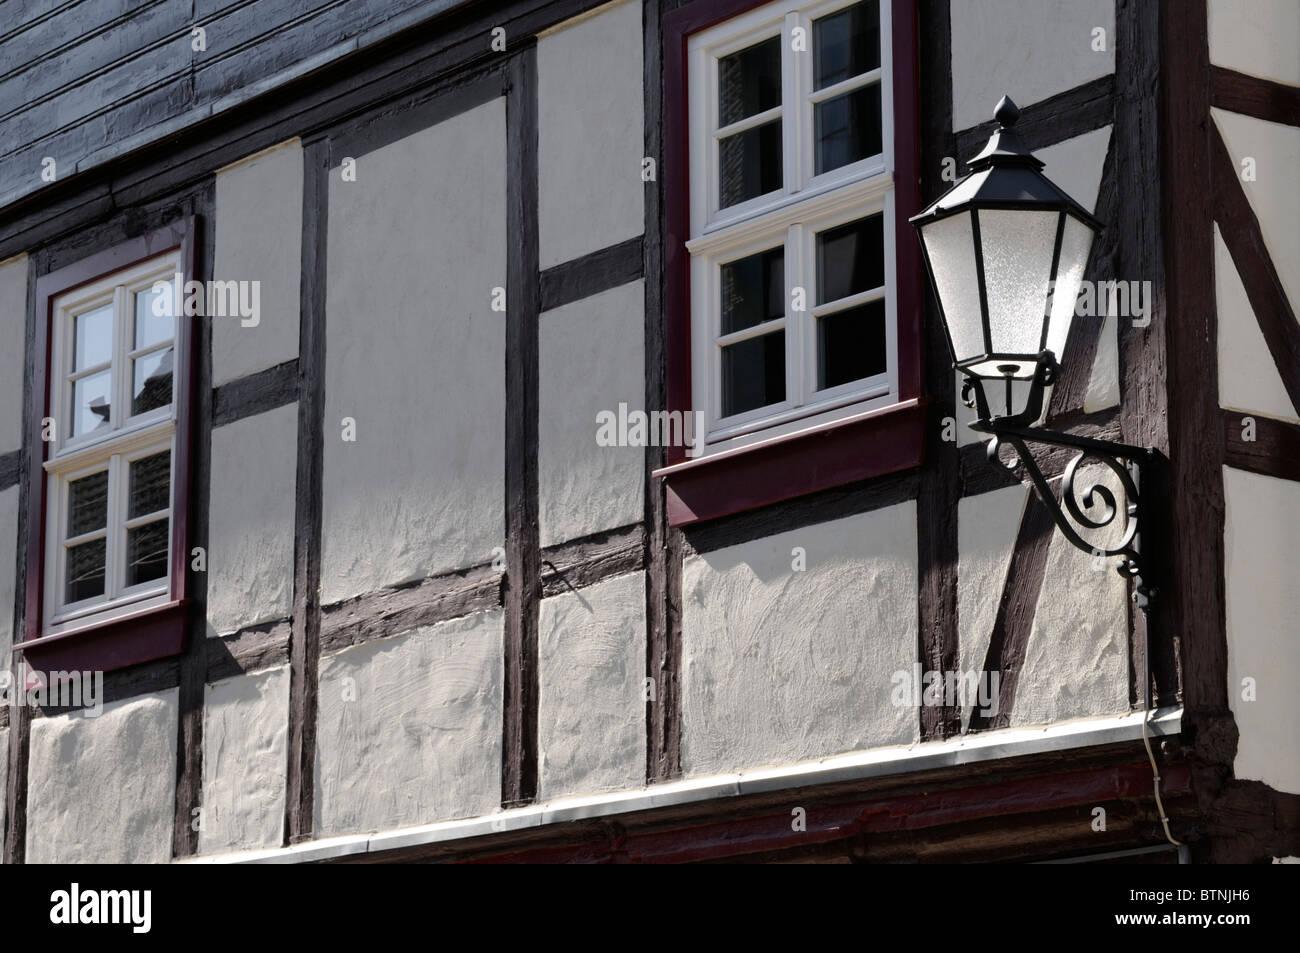 Alte Straßenlampe und Fachwerkhaus, Wernigerode, Deutschland. - Old street lamp and half-timbered house, Wernigerode, - Stock Image